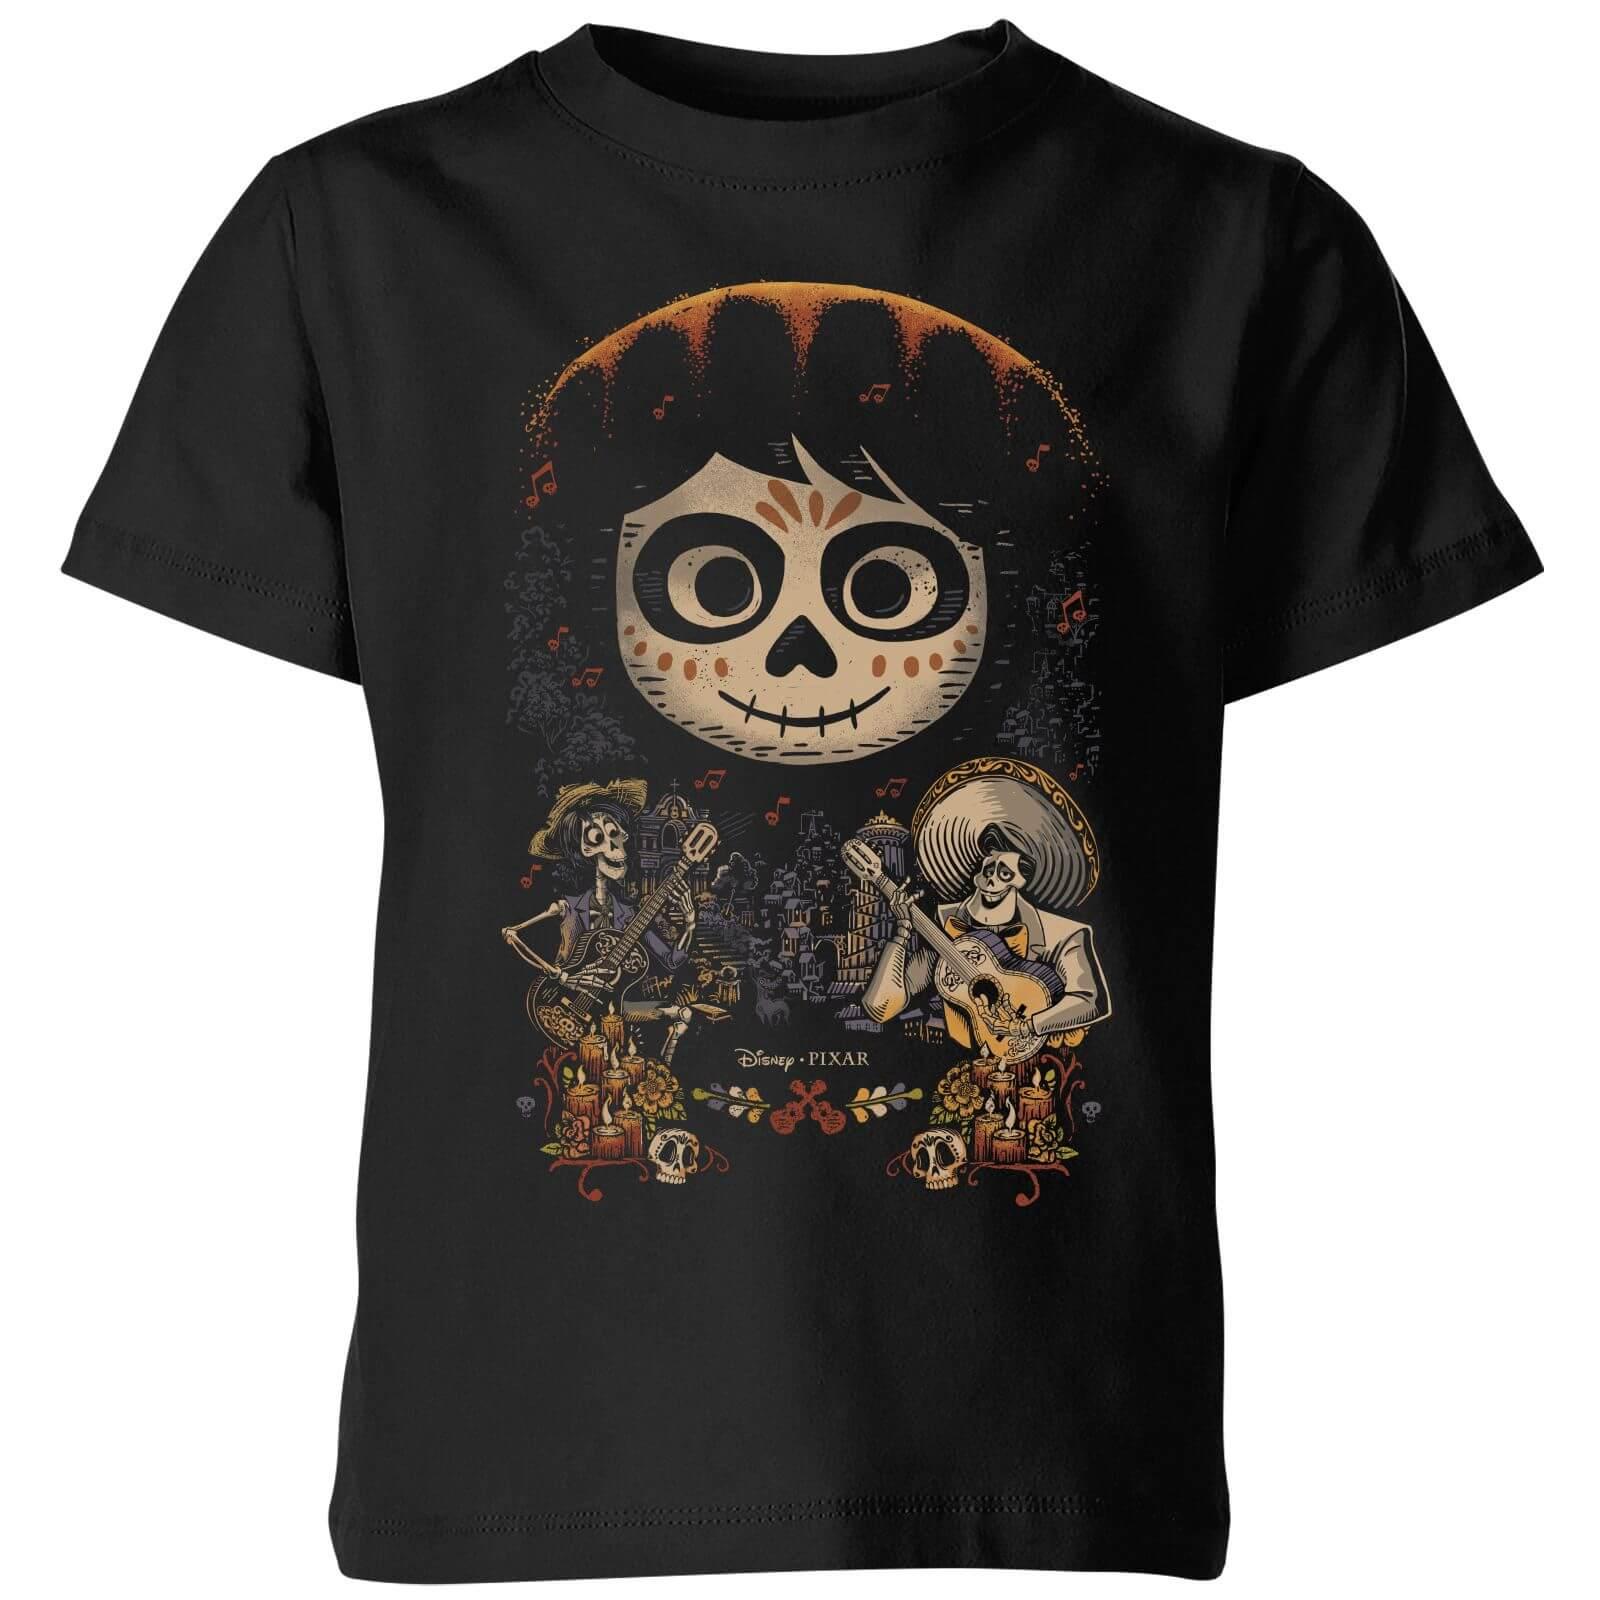 Pixar T-Shirt Enfant Visage Miguel Poster Coco - Noir - 9-10 ans - Noir